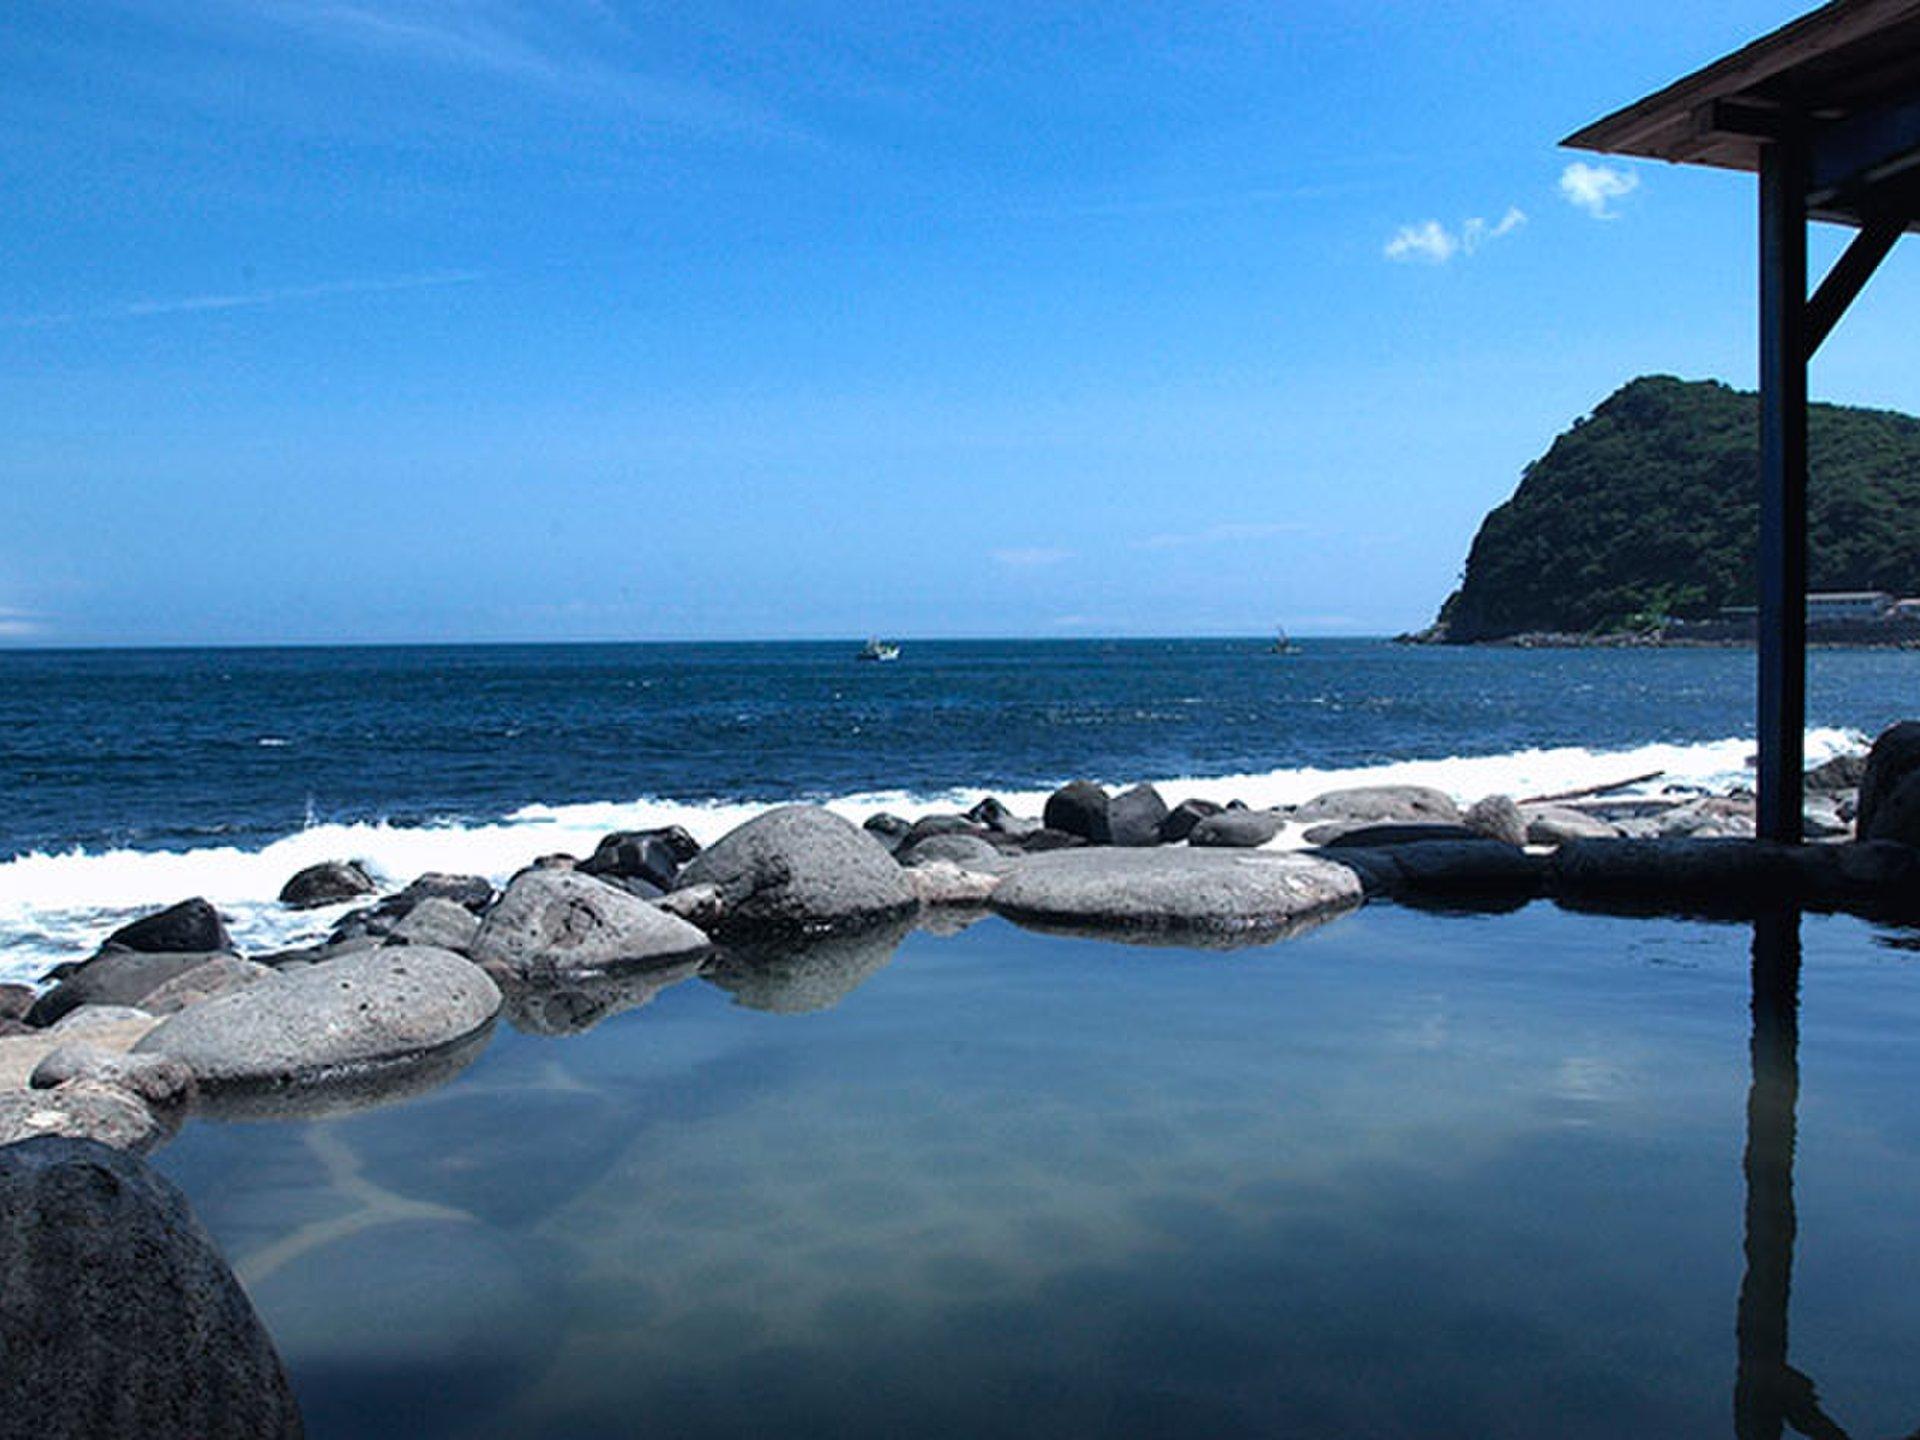 東伊豆 1泊2日(日帰り)ドライブ旅行 混浴風呂とキンメを堪能し、遊びつくす!電車&レンタカー